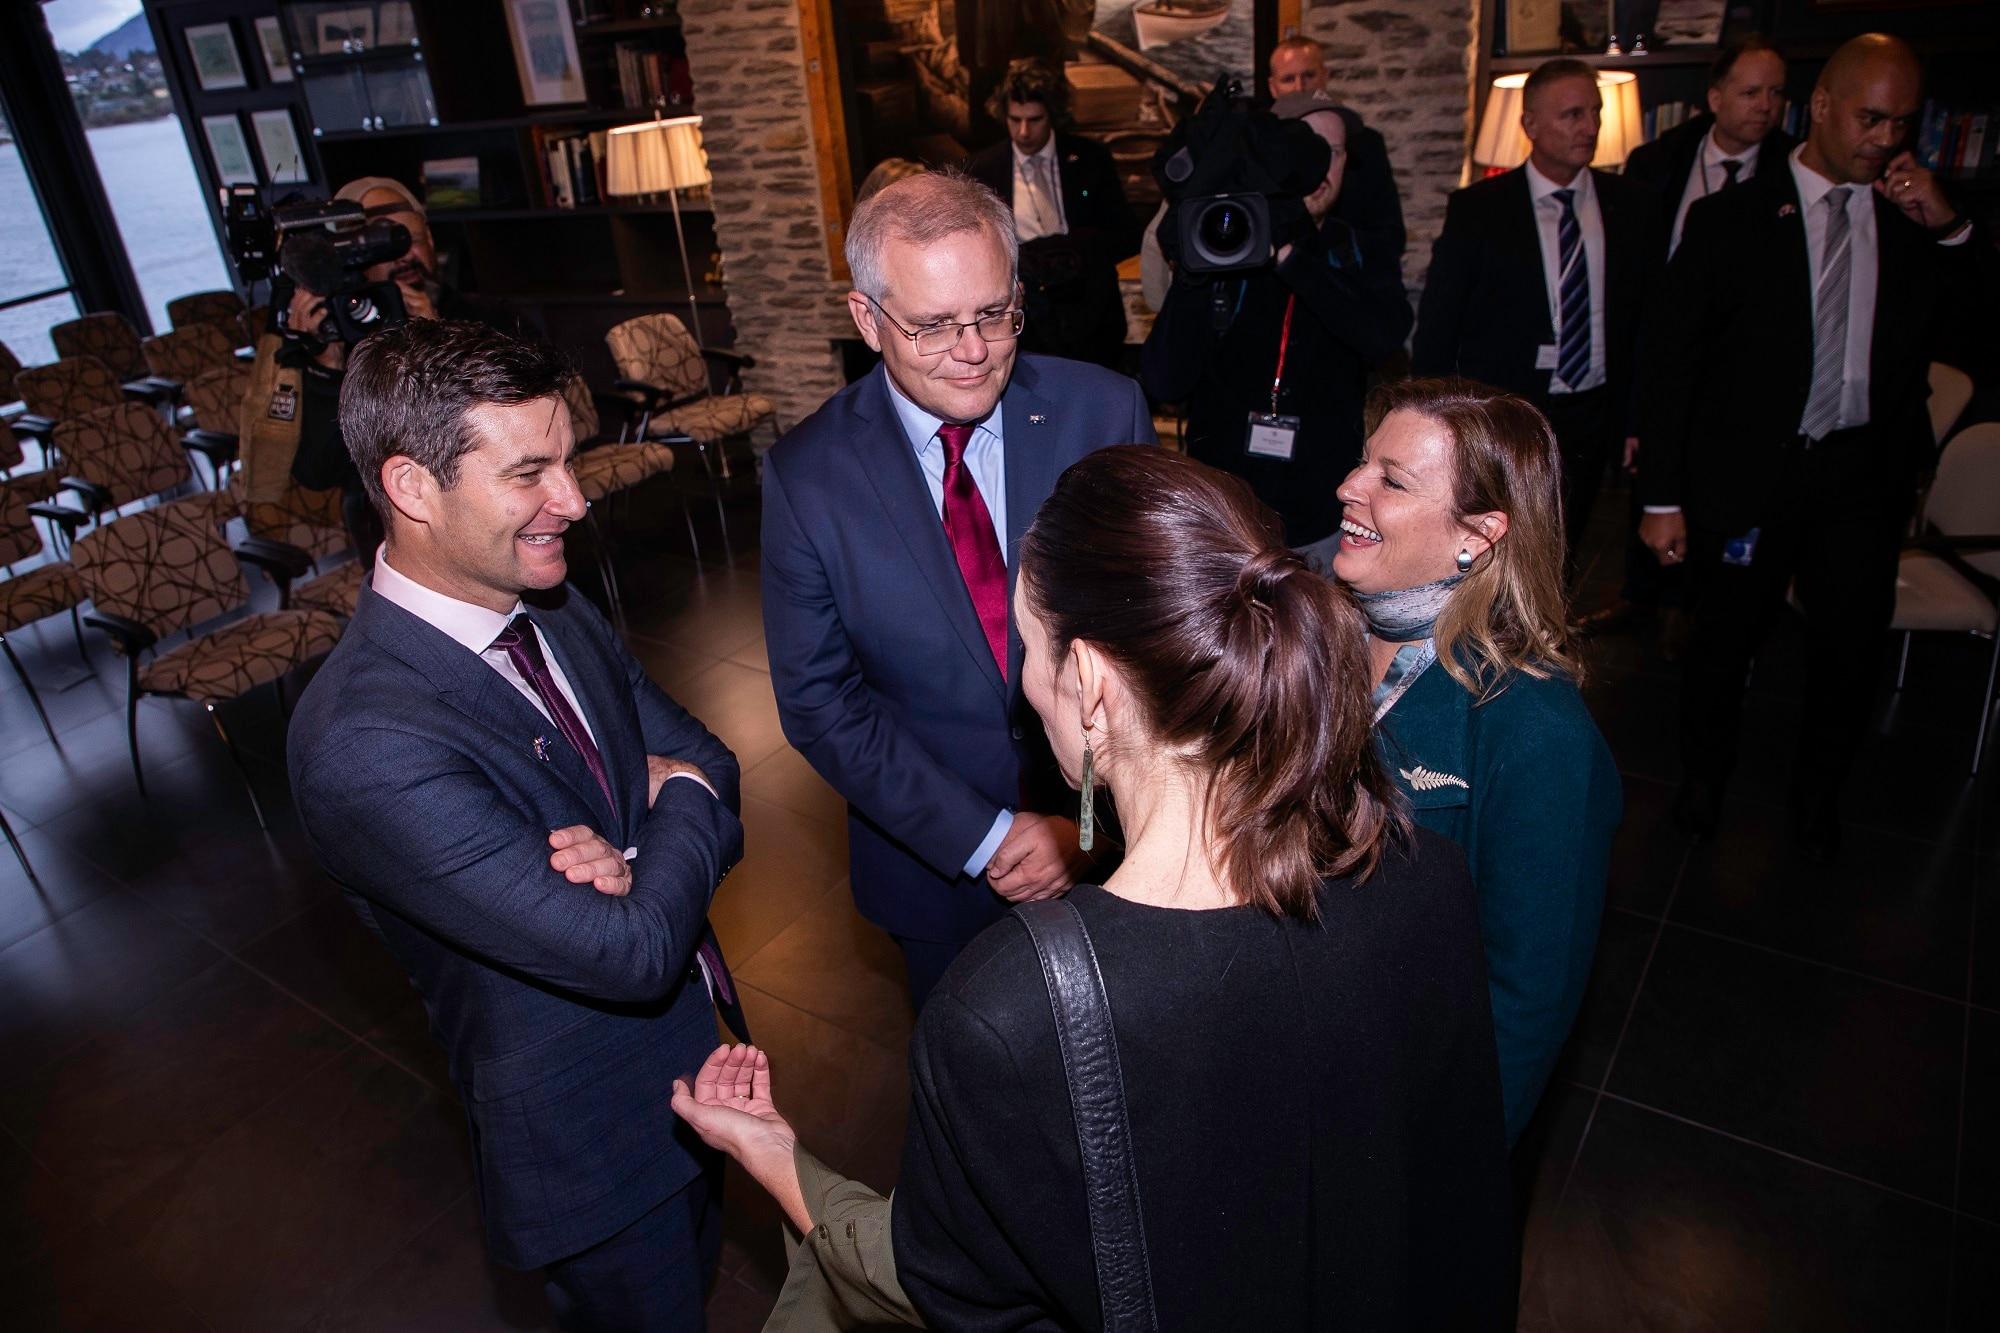 New Zealand Prime Minister Jacinda Ardern (third left), her partner Clark Gayford, Australian Prime Minister Scott Morrison (centre) and his wife Jenny.